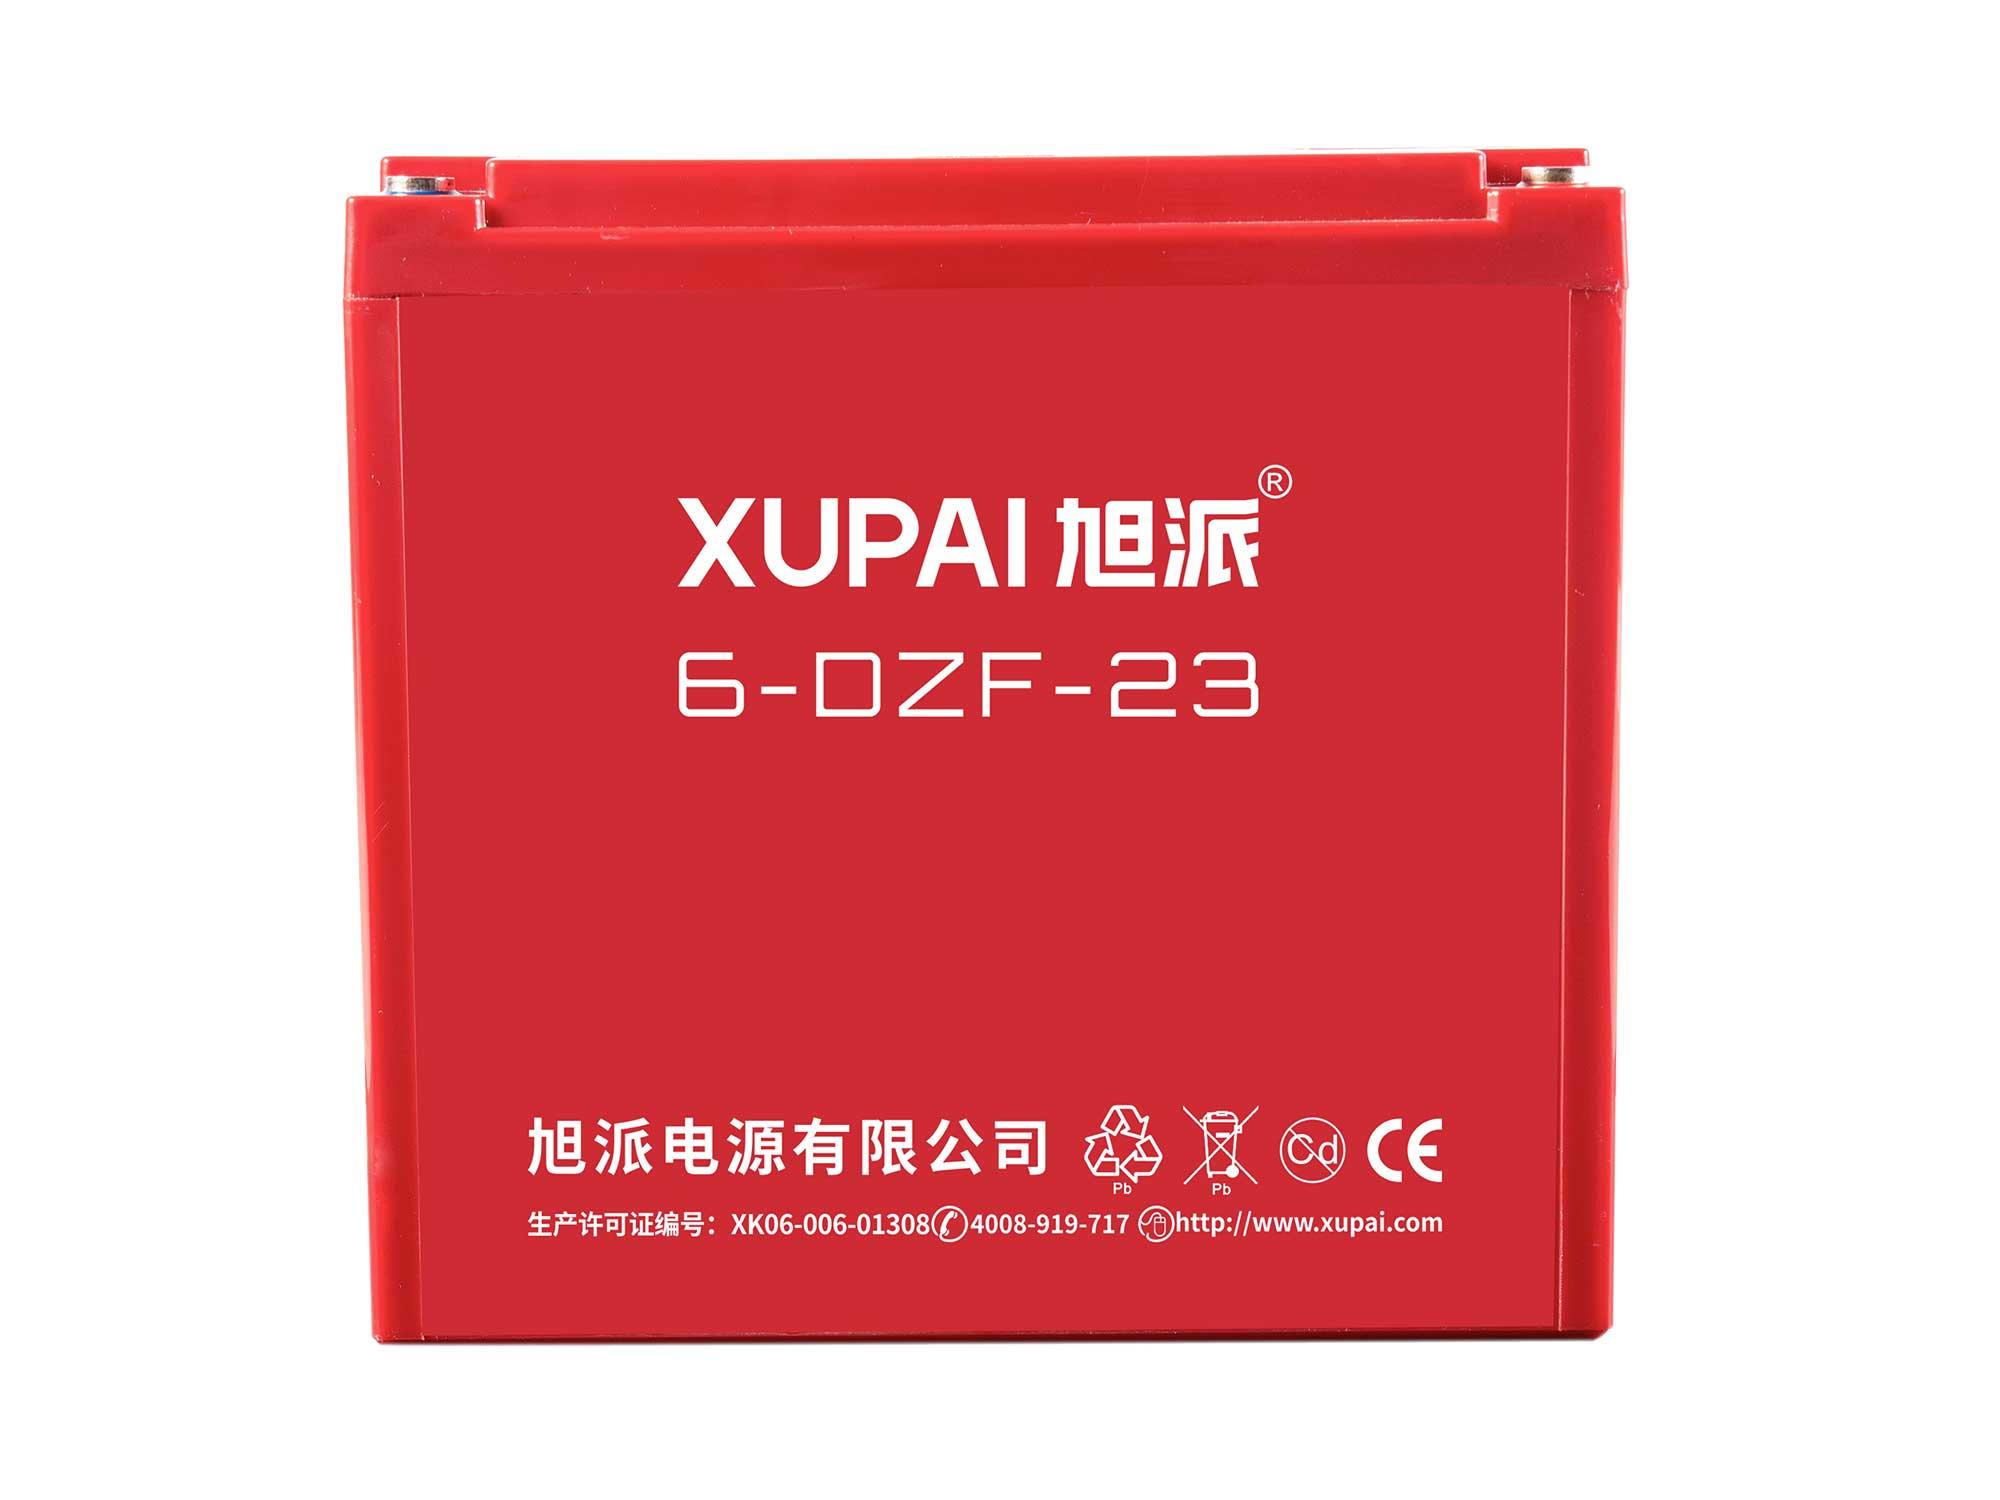 6-DZF-23博士电池